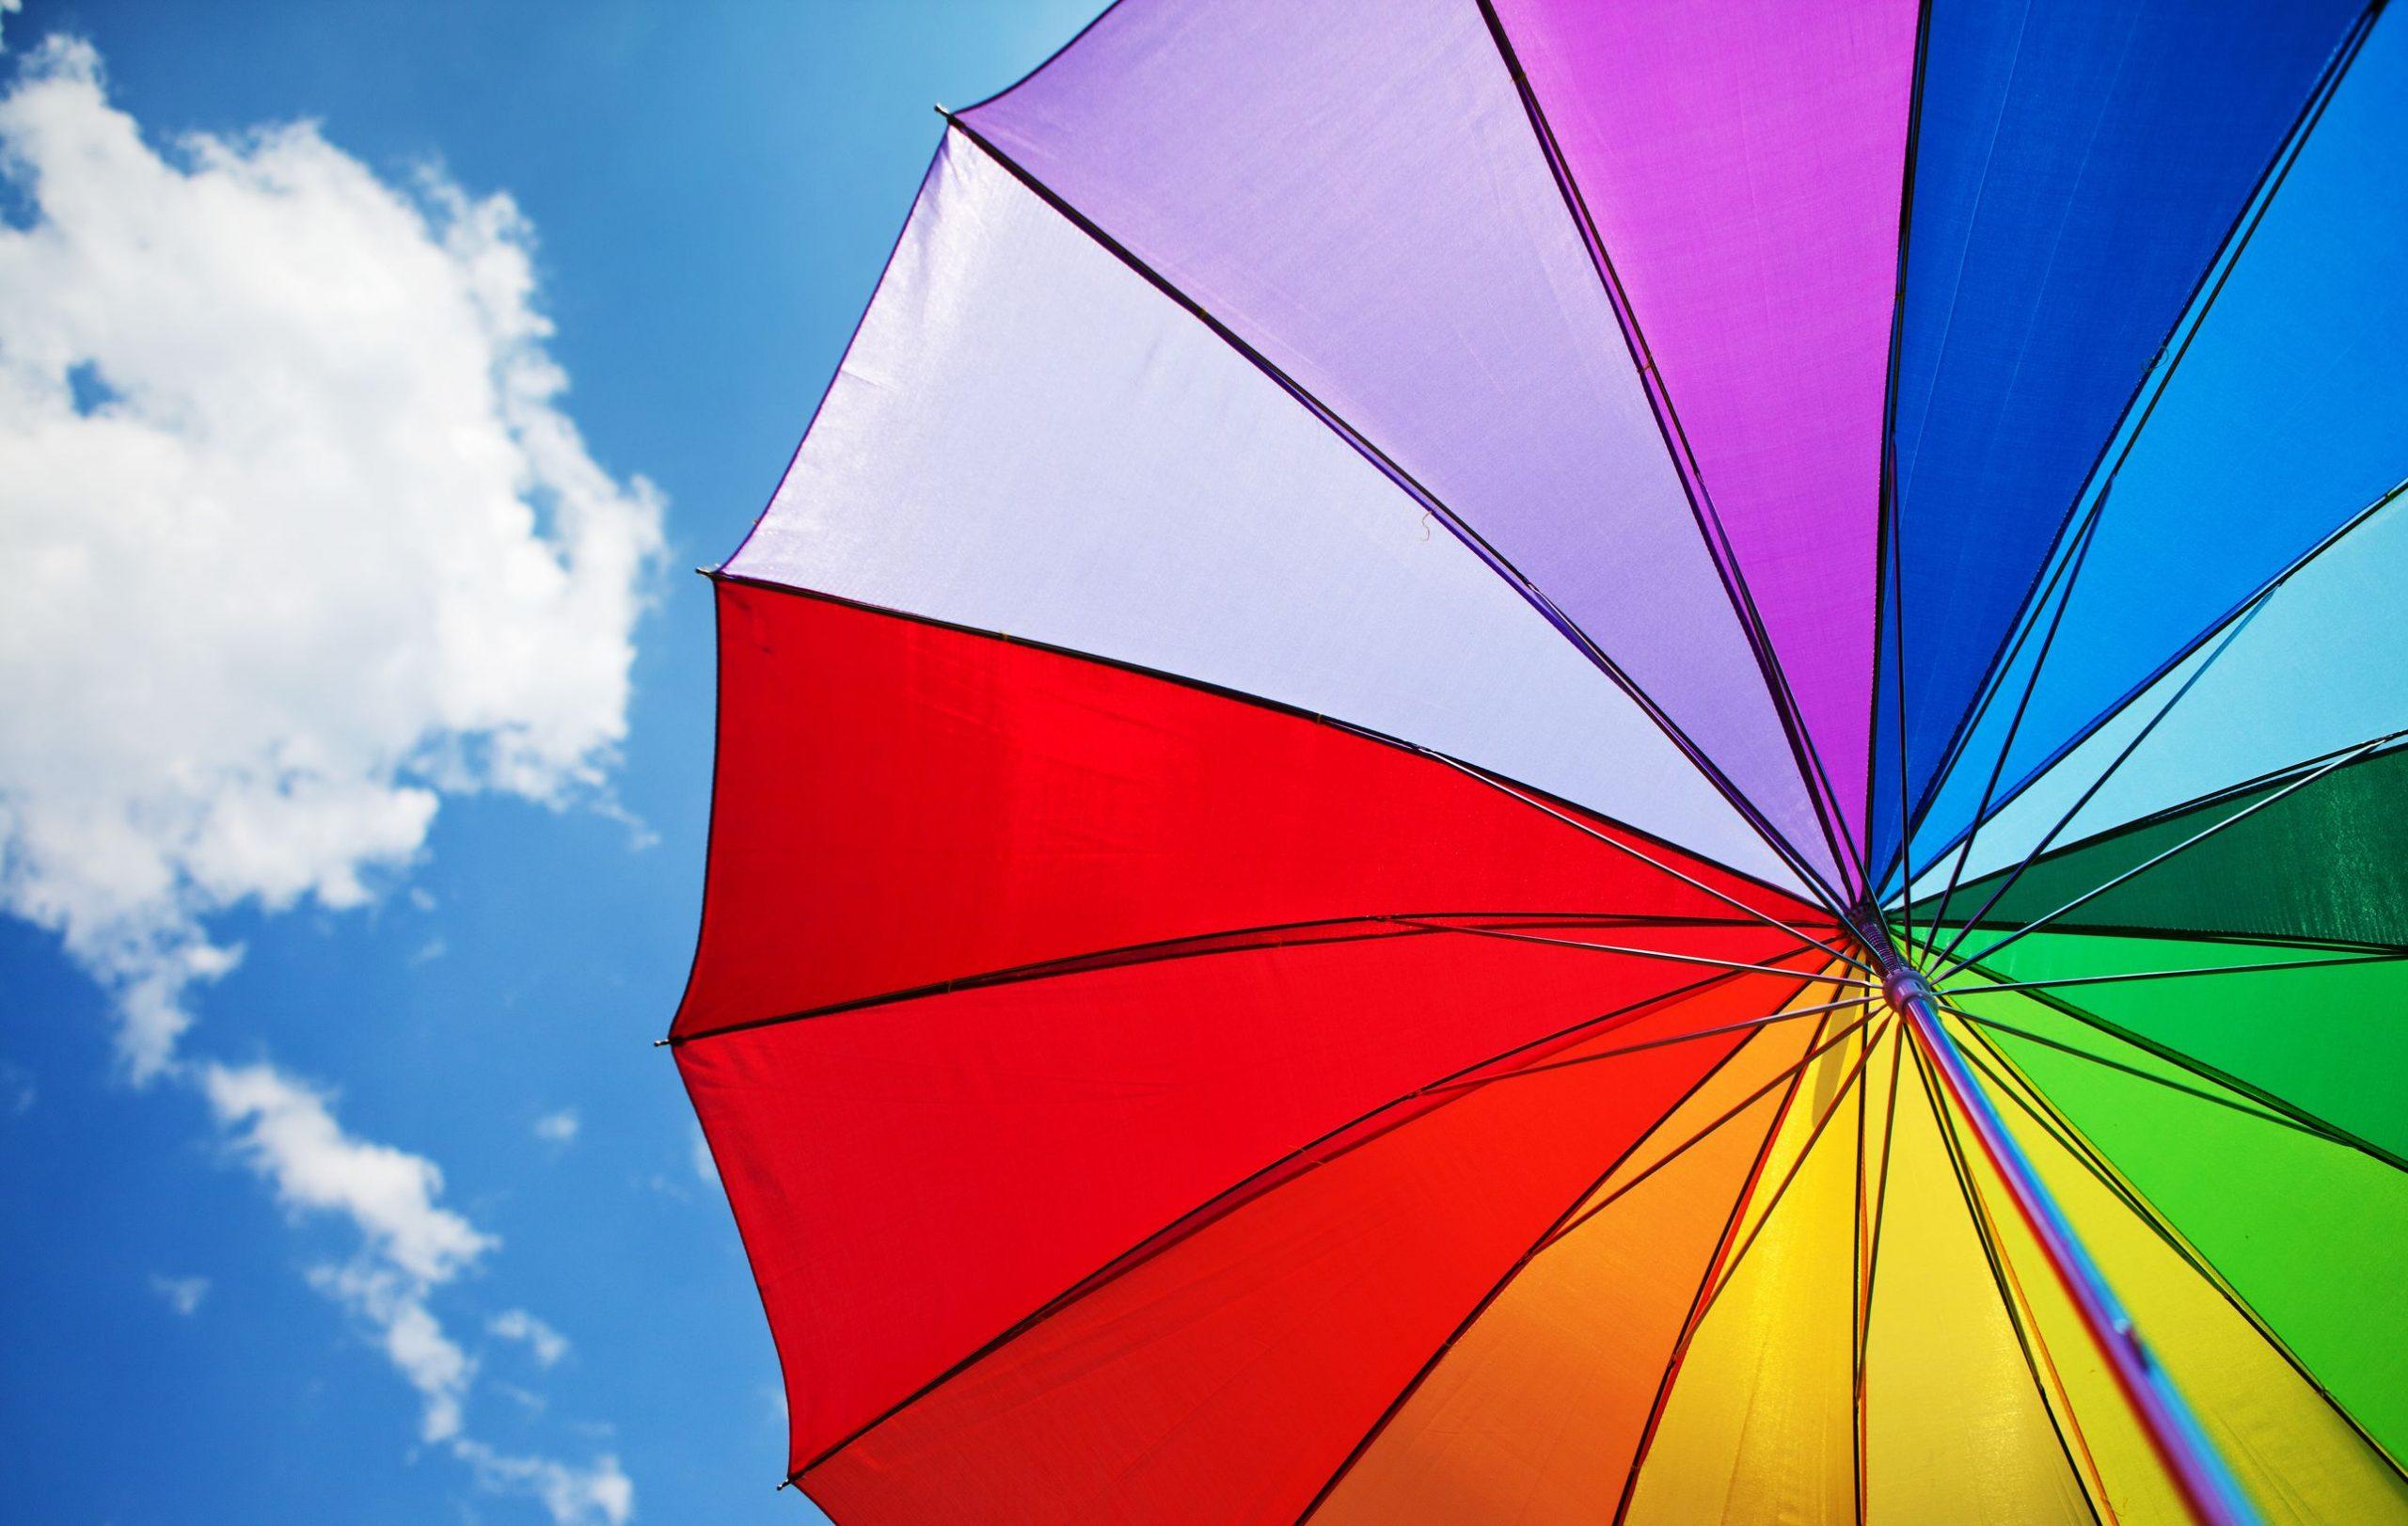 Sonnenschirm für den Balkon: Test & Empfehlungen (05/21)